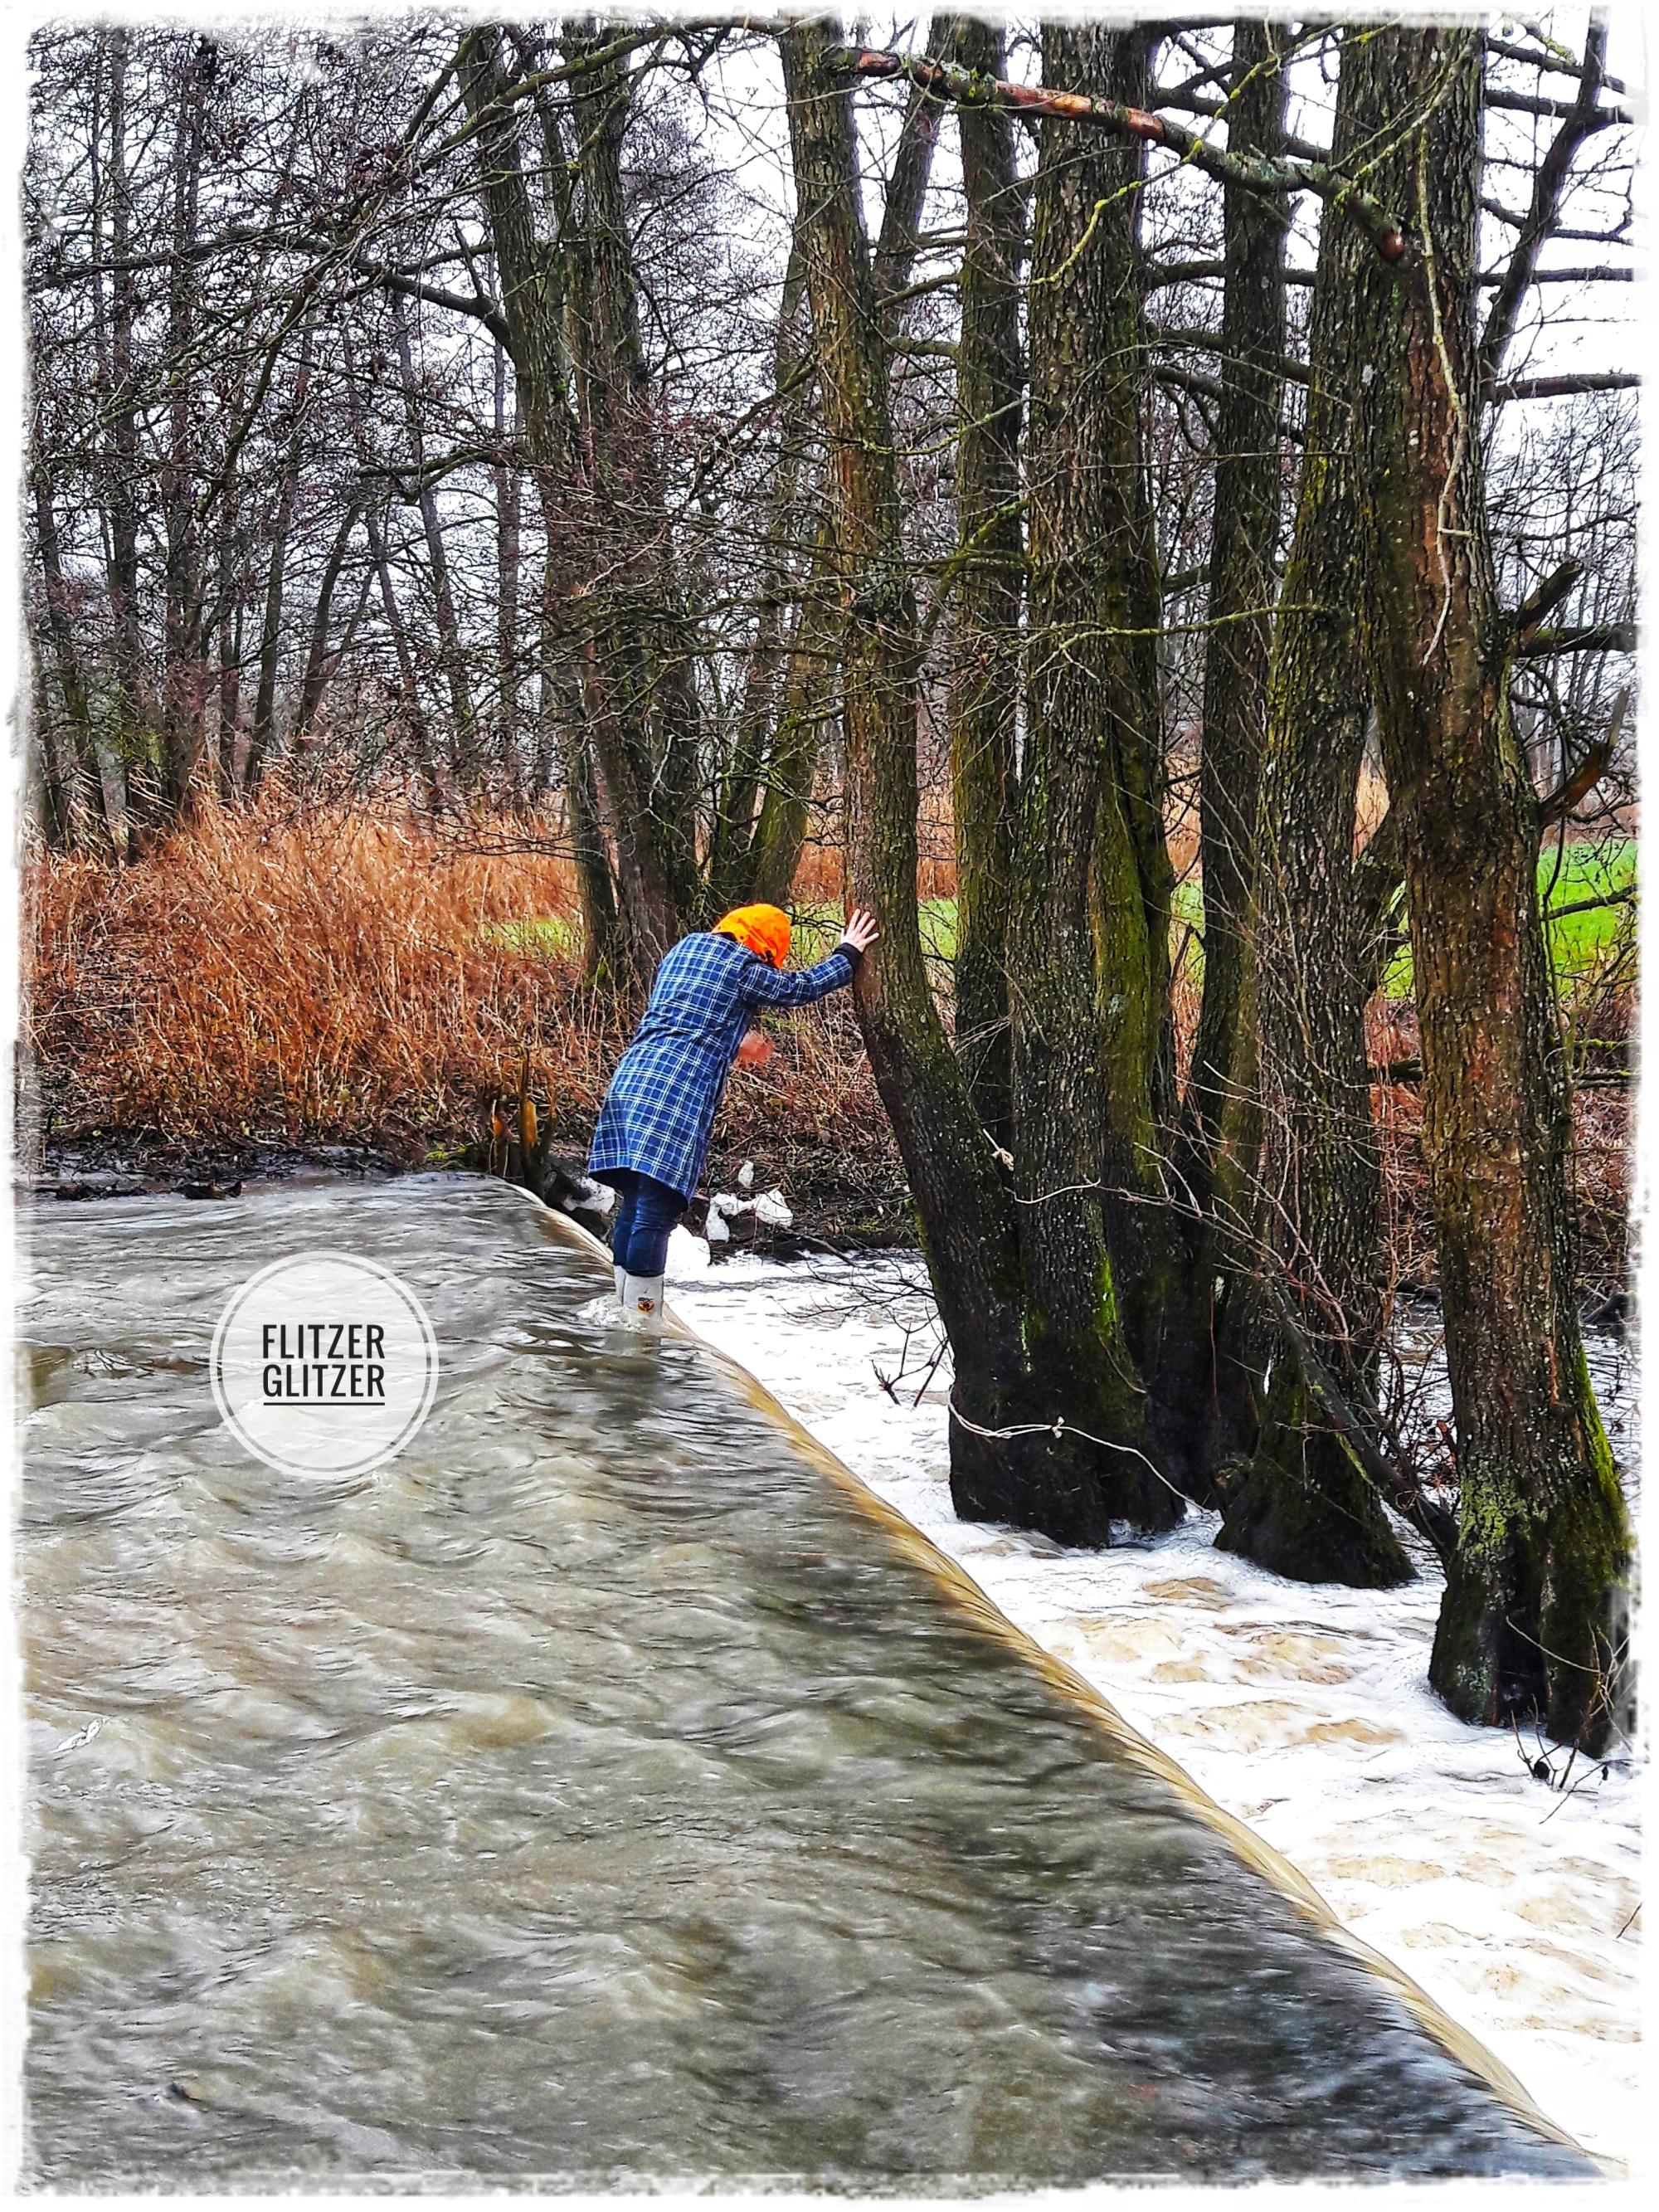 Glitzer steht in den Fluten eines Hochwasserüberlaufs der Altmühl. An einen Baum gelehnt beugt sie sich über den Wasserfall.